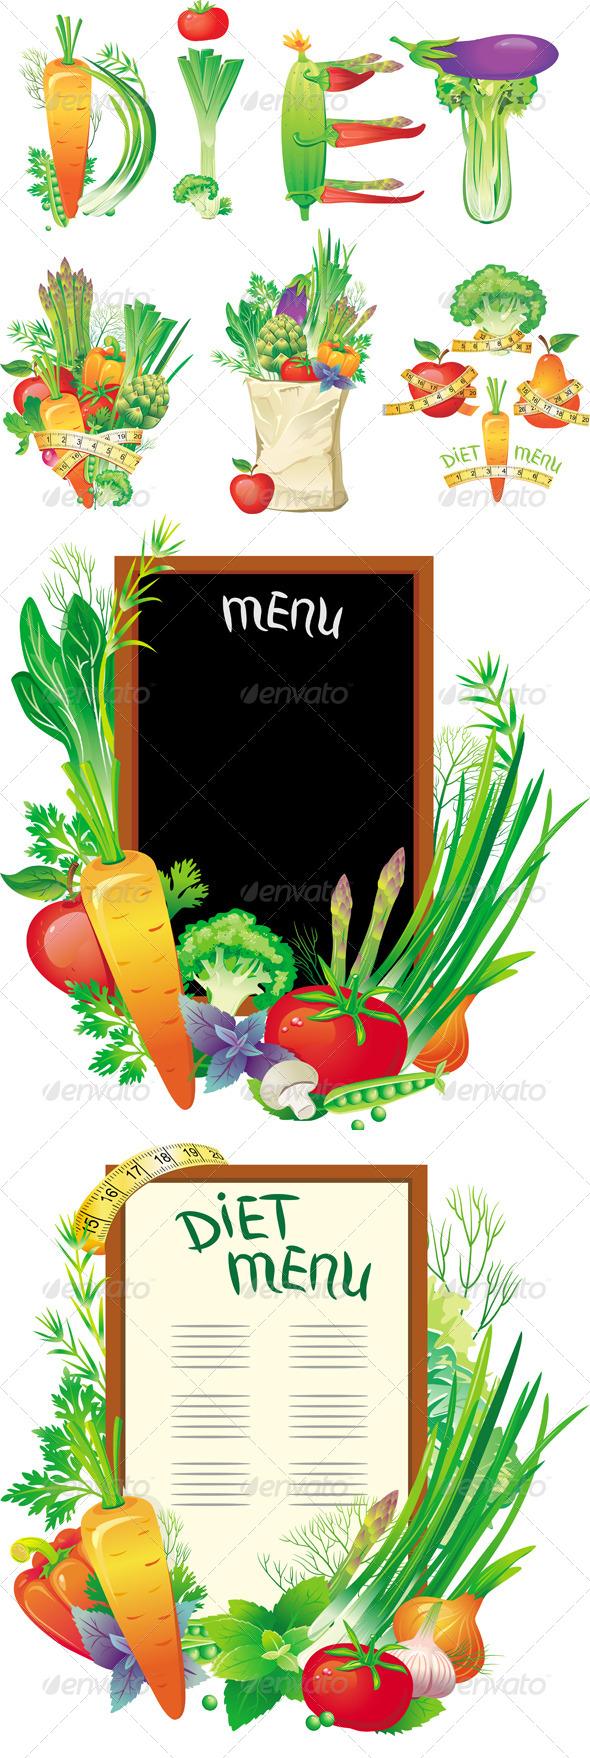 GraphicRiver Diet Menu Concept 6508531